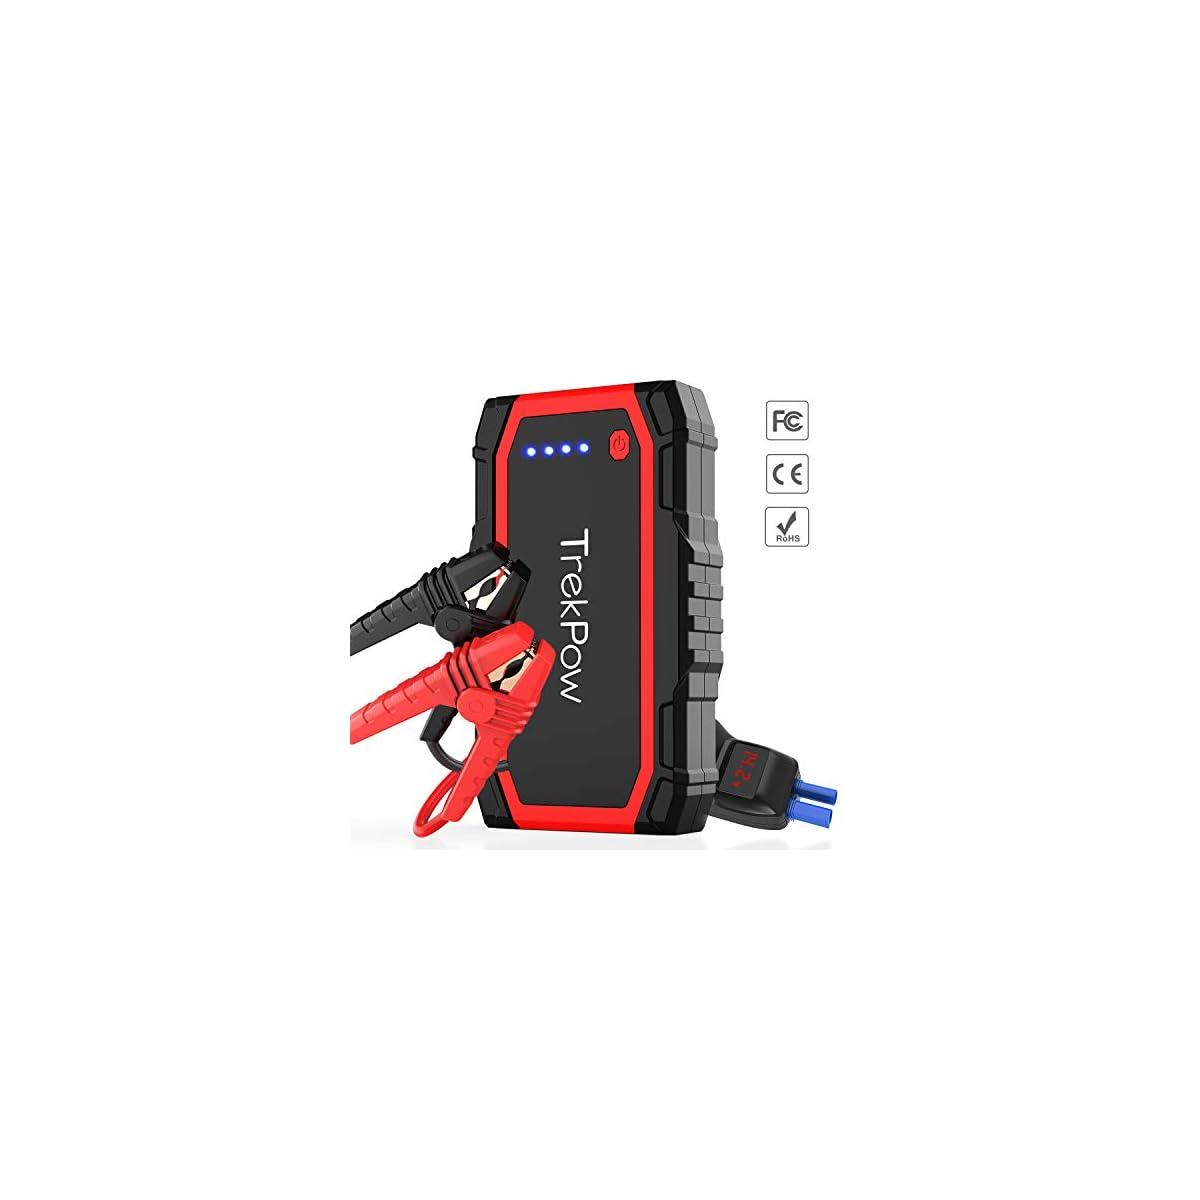 51MPkStDt8L. SS1200  - TrekPow Arrancador de Baterías de Coche A18, 800A Arrancador de Coches con Pinzas Inteligentes y Pantalla LED, Banco de Baterías con USB QC3.0 & Tipo C, Diseñado para 12V 6L Gasolina y 5L Diésel